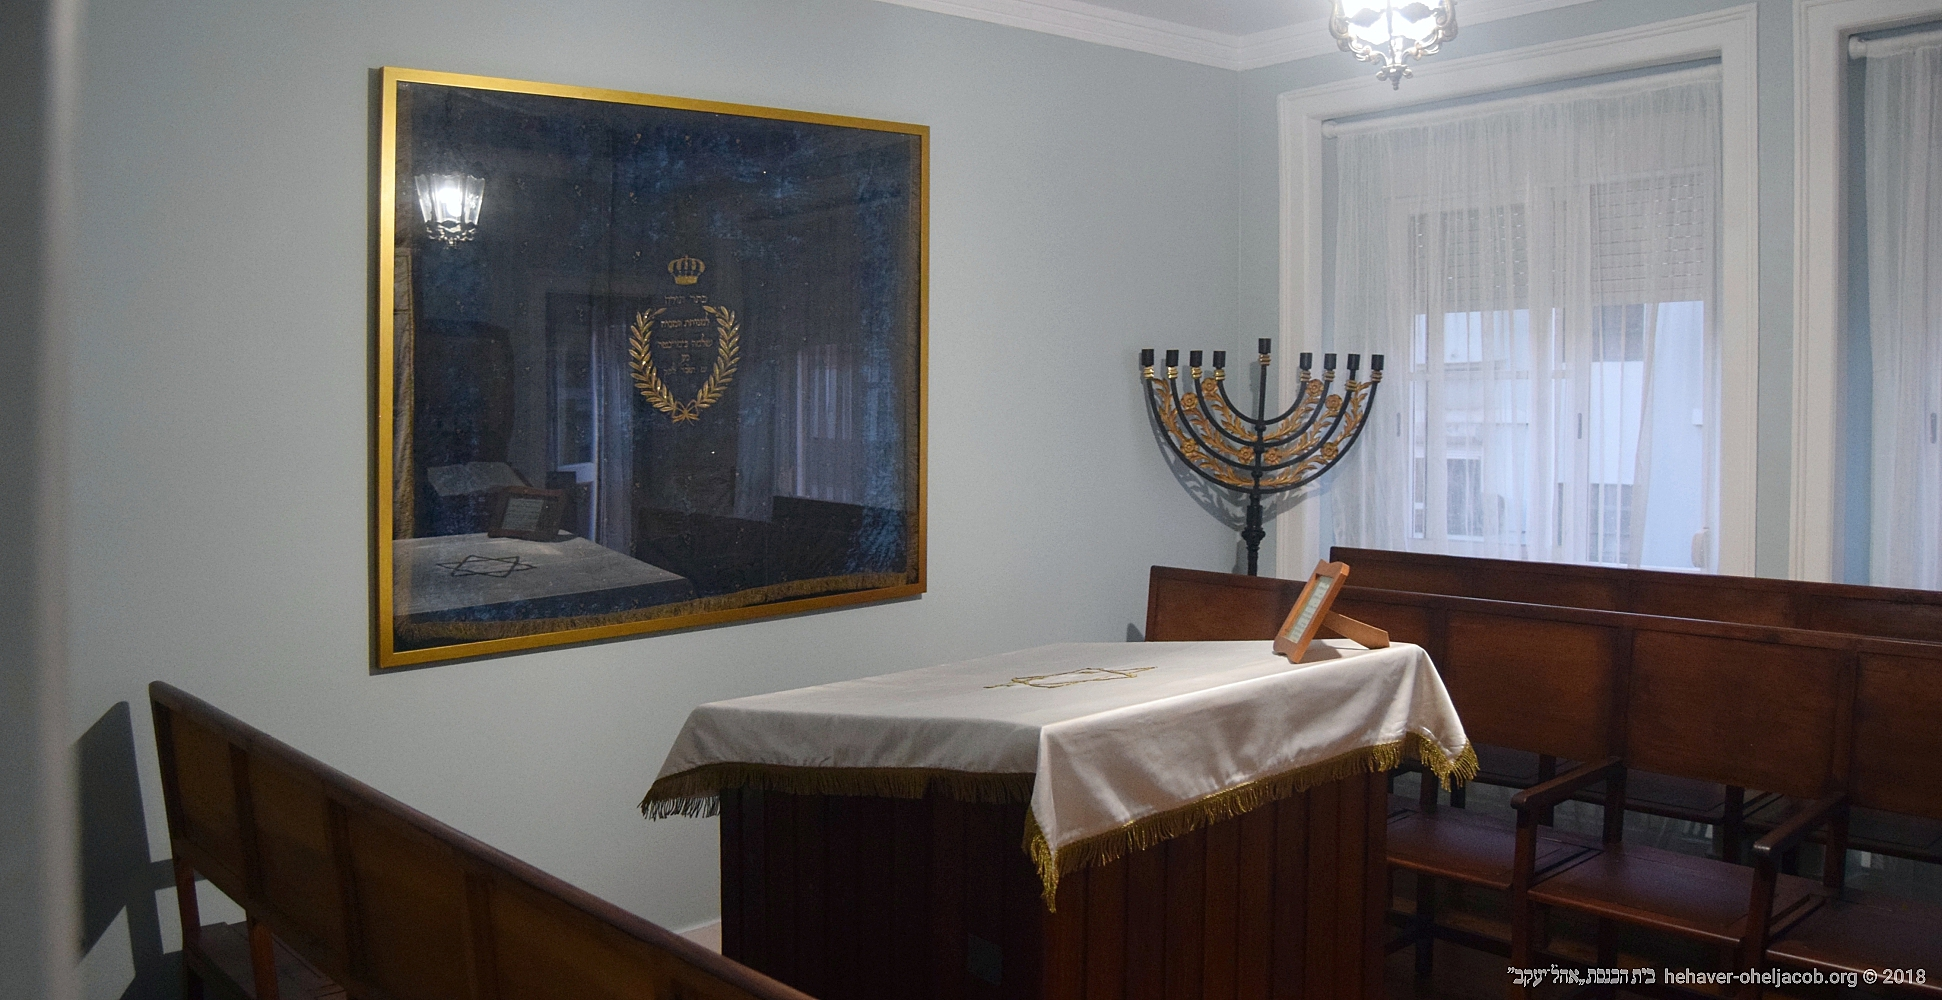 Synagogue Wall Pic – New